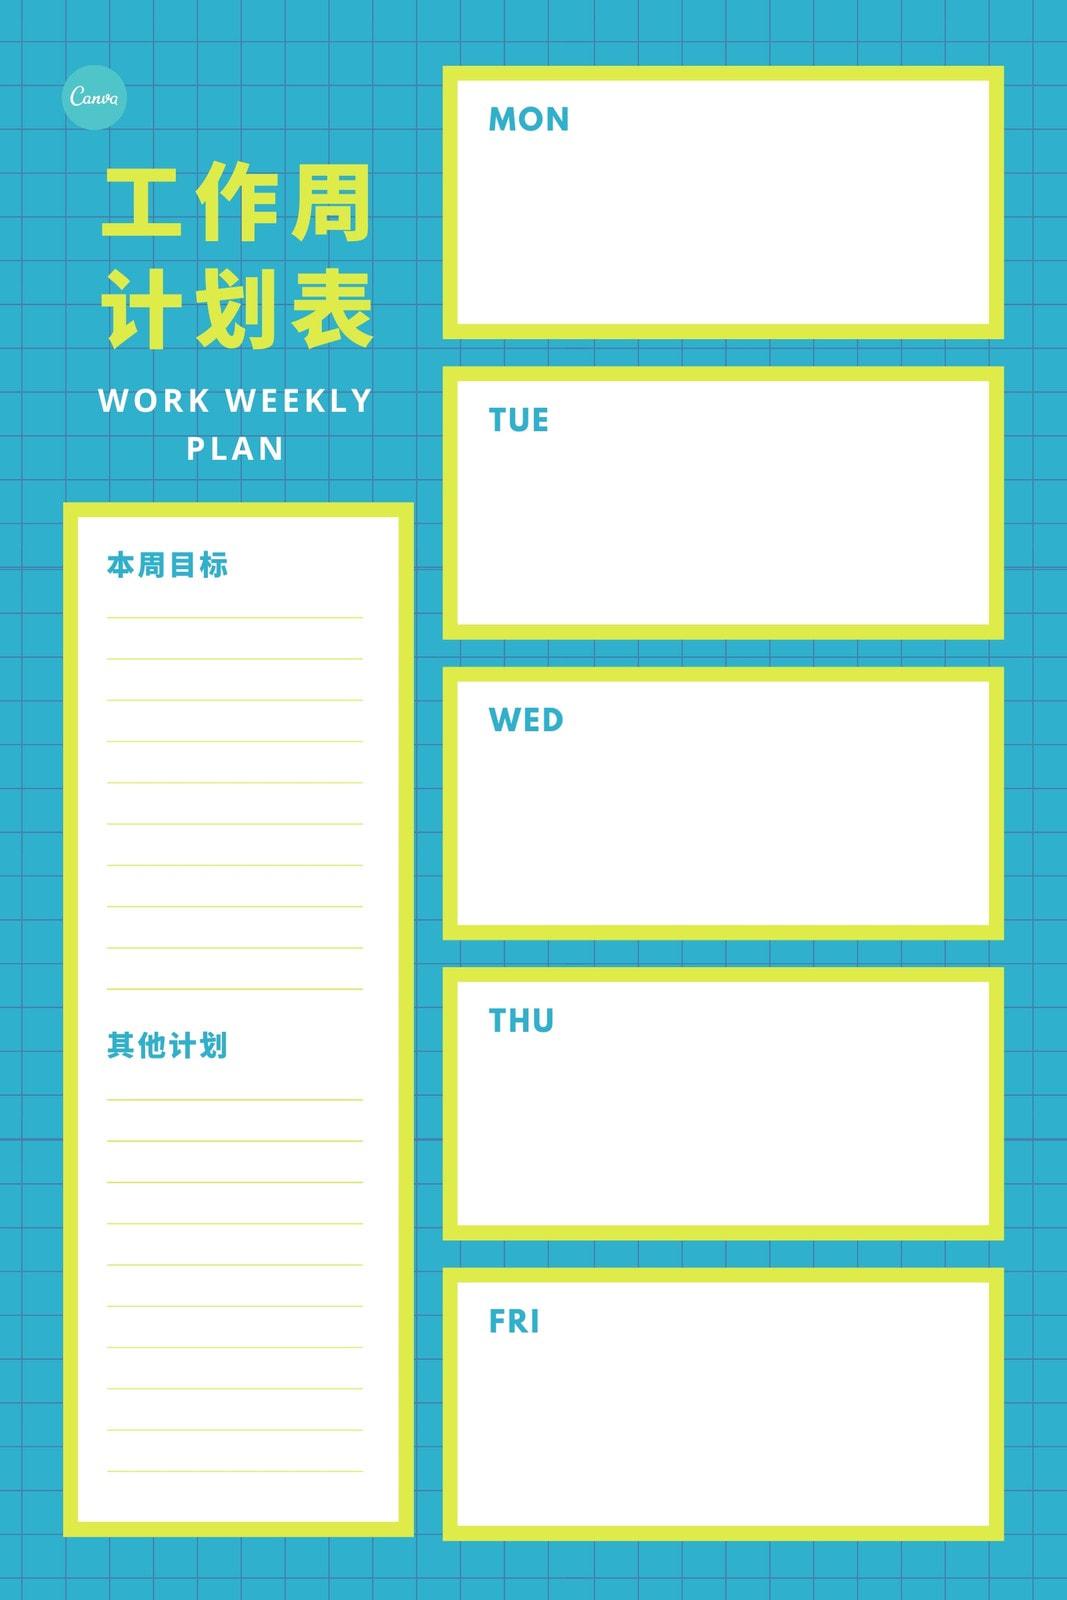 白蓝色蓝白格子工作周计划表时尚个人分享中文计划表